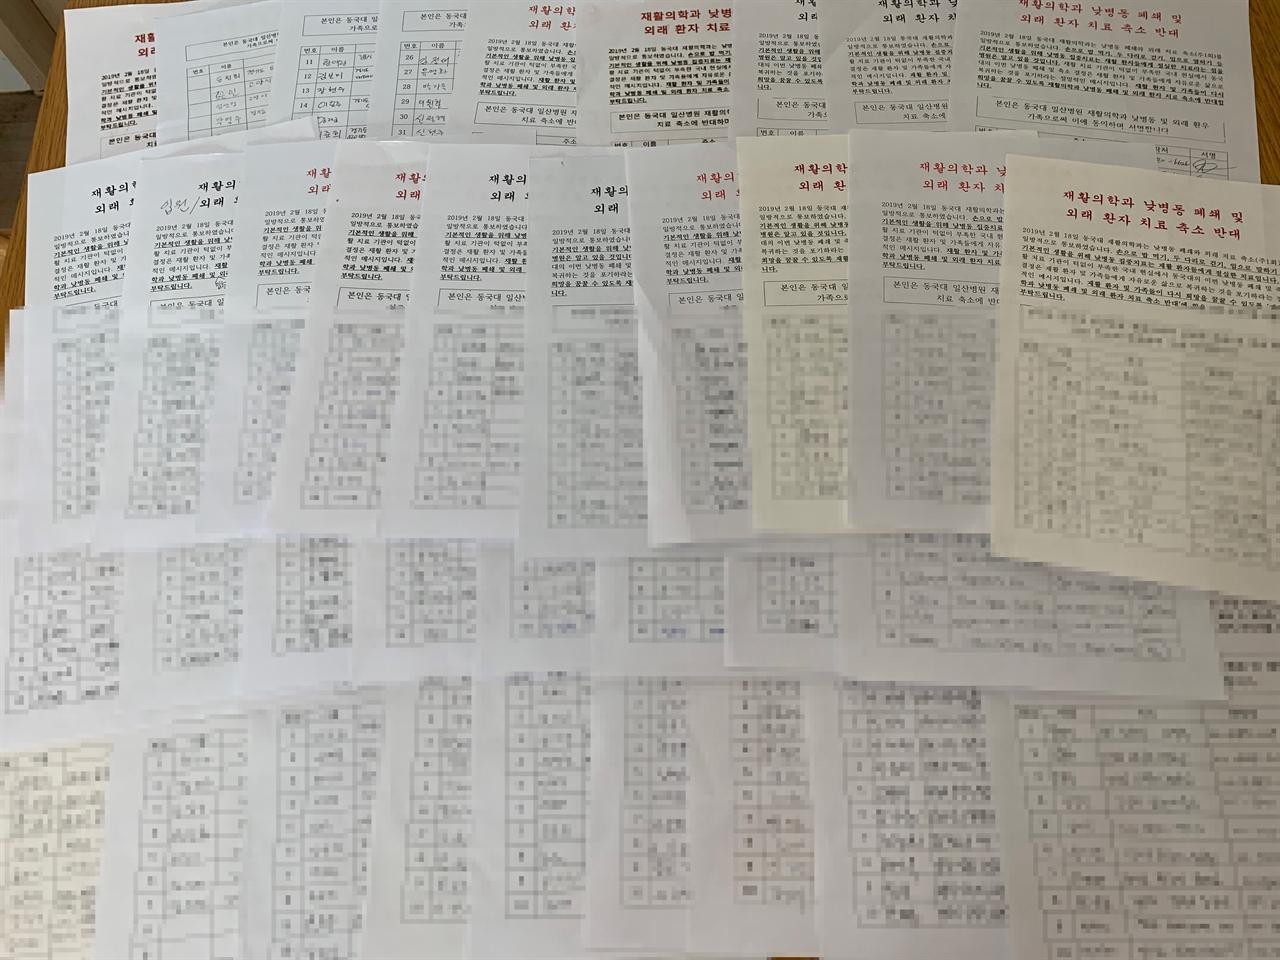 동국대일산병원 재활의학과 소아낮병동 폐쇄 및 외래 진료 축소에 대한 장애아동 보호자들의 서명문.